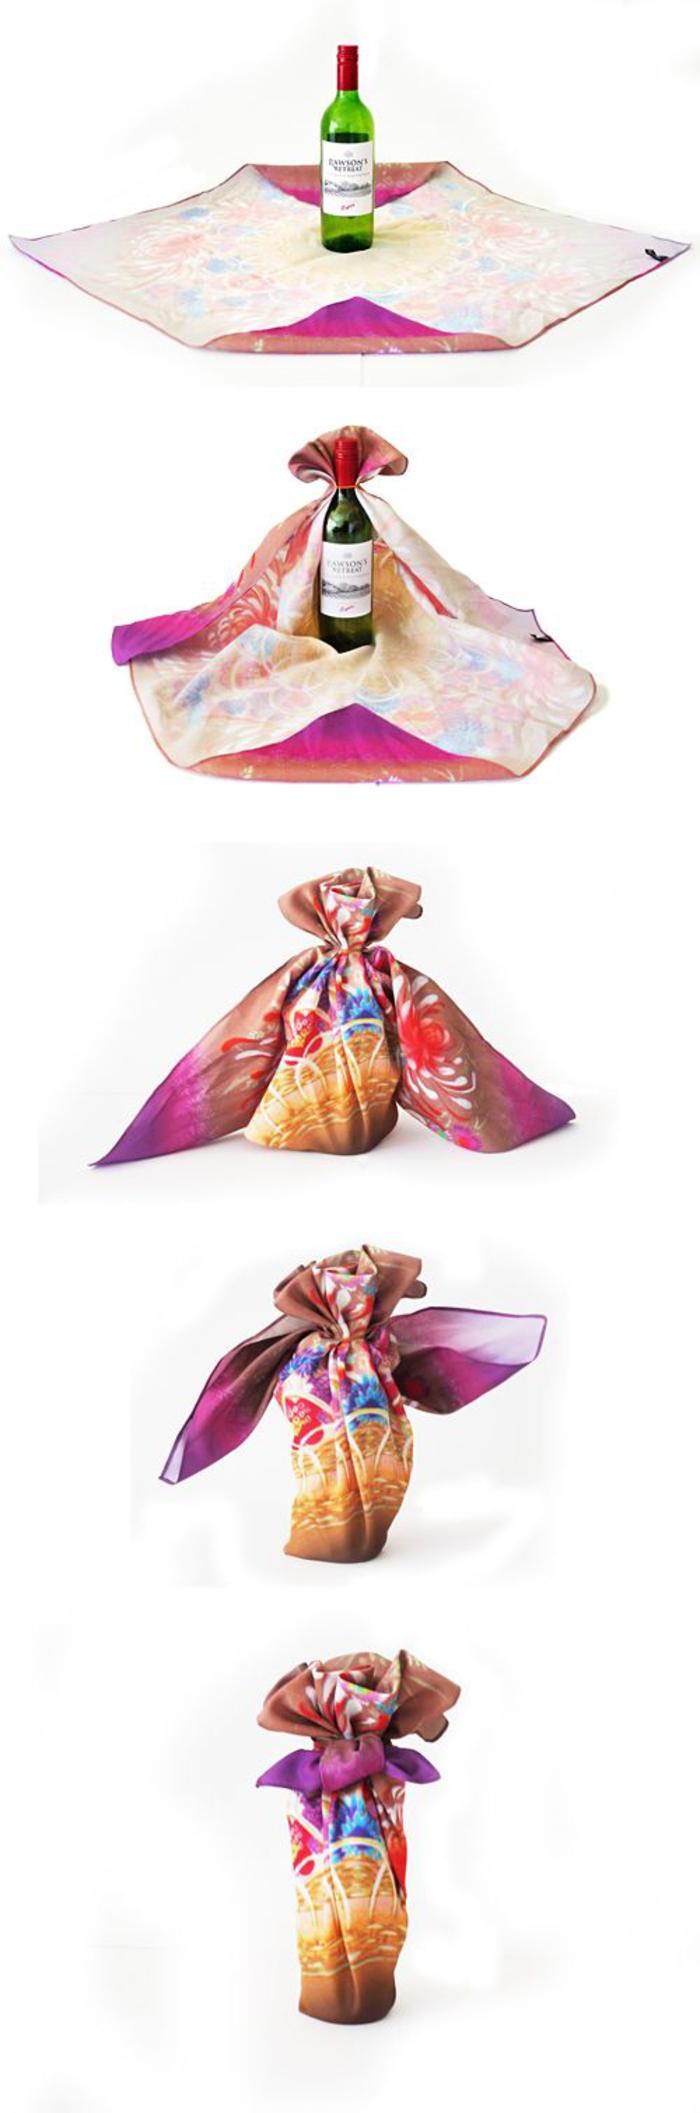 bottiglie-personalizzate-bottiglia-di-vino-rosso-decorata-avvolta-tovaglia-stoffa-colorata